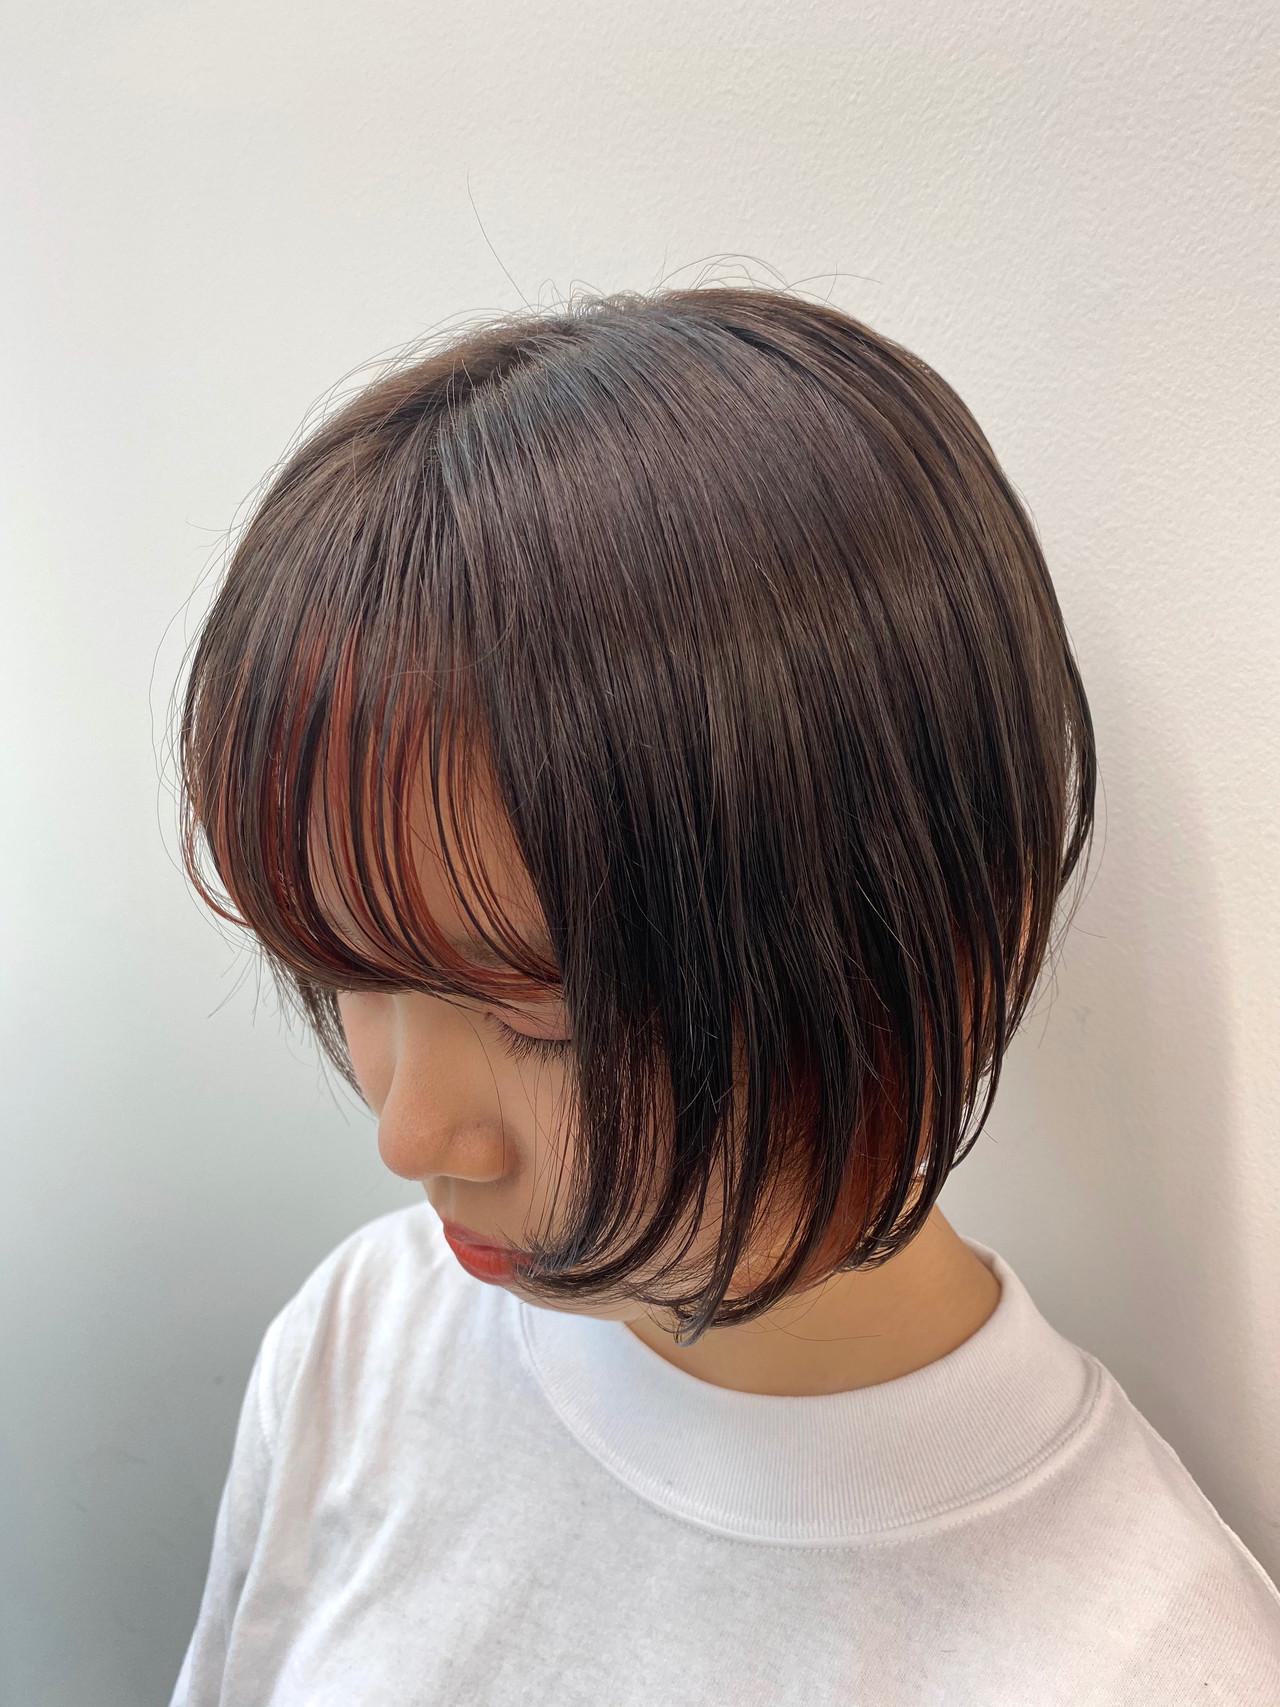 アプリコットオレンジ オレンジカラー ショートボブ オレンジ ヘアスタイルや髪型の写真・画像